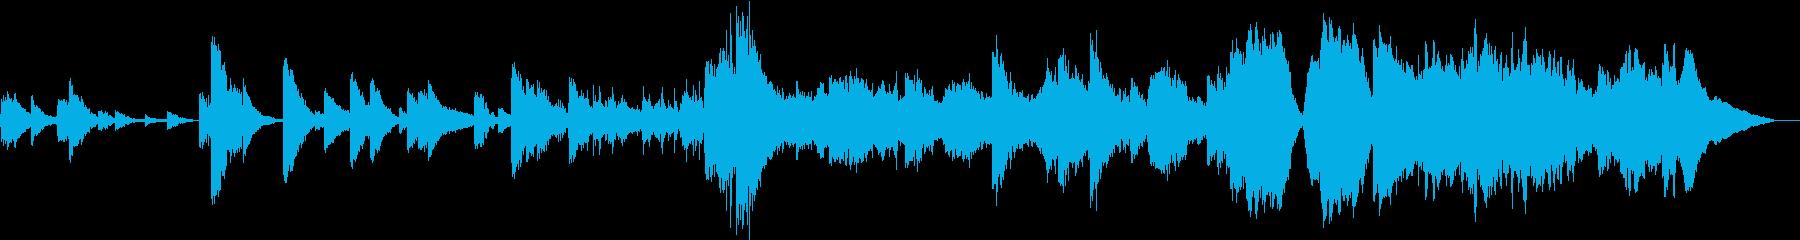 不気味でミステリアスな雰囲気のBGMの再生済みの波形